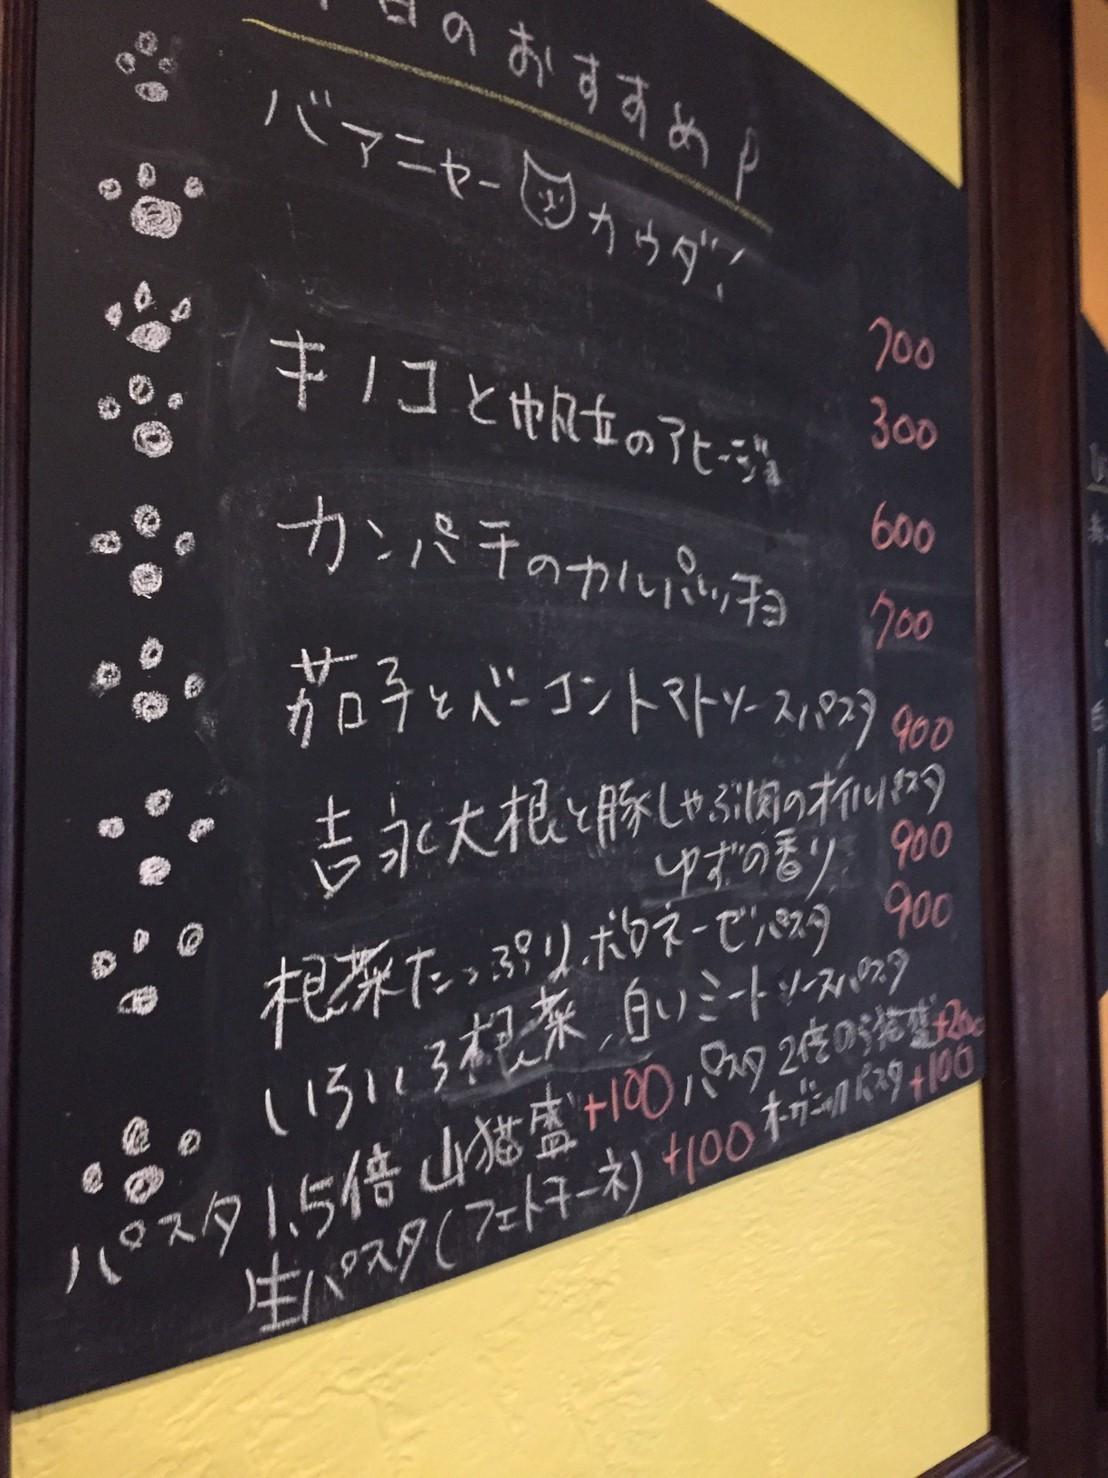 山猫軒  伏見唐辛子と秋茄子の肉味噌ソースパスタ_e0115904_15144309.jpg